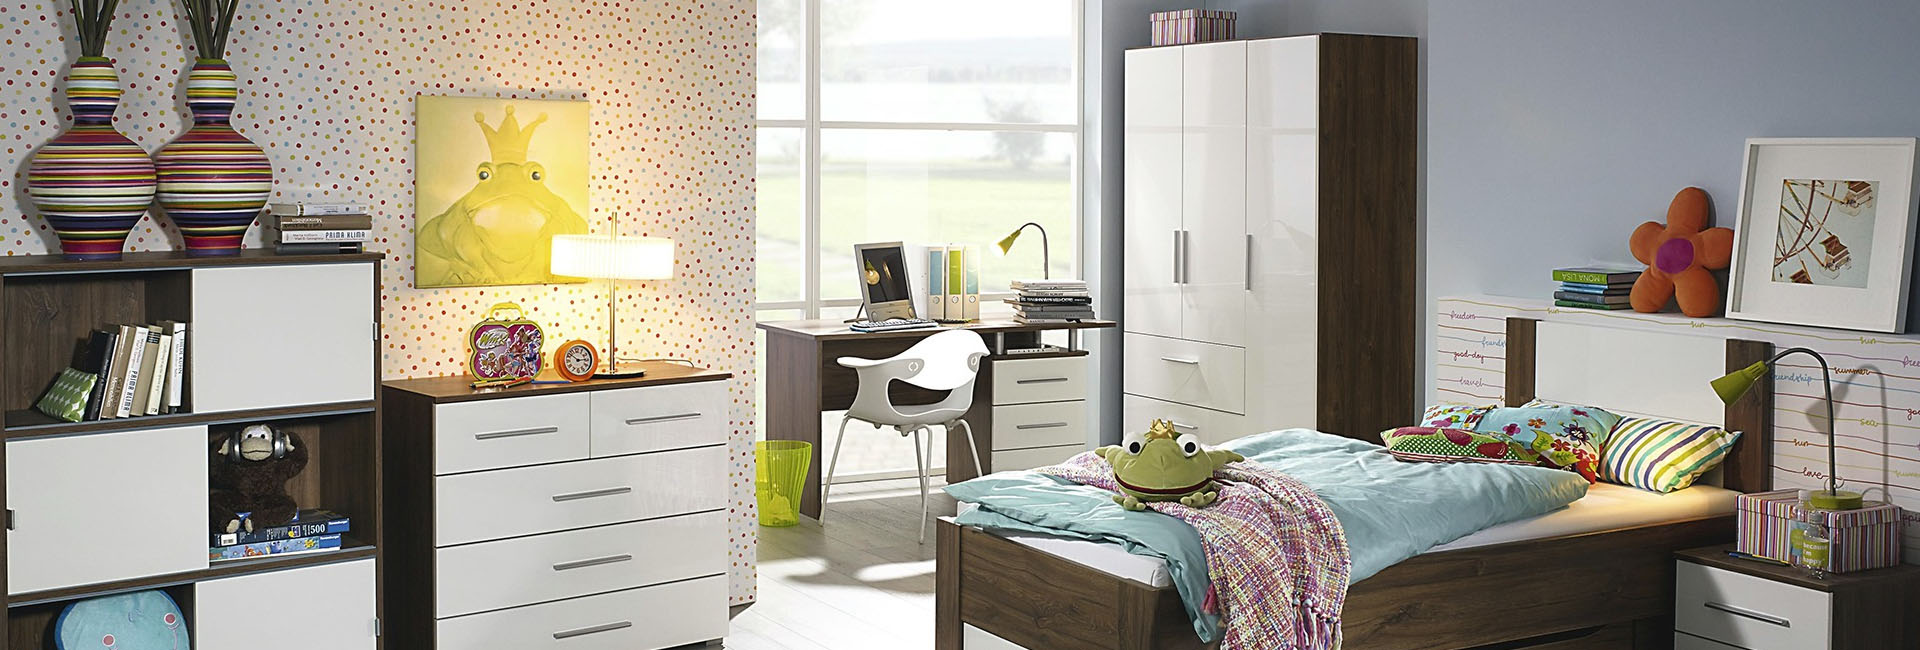 Jugendzimmer Möbel Online Kaufen Bei Möbel Kraft